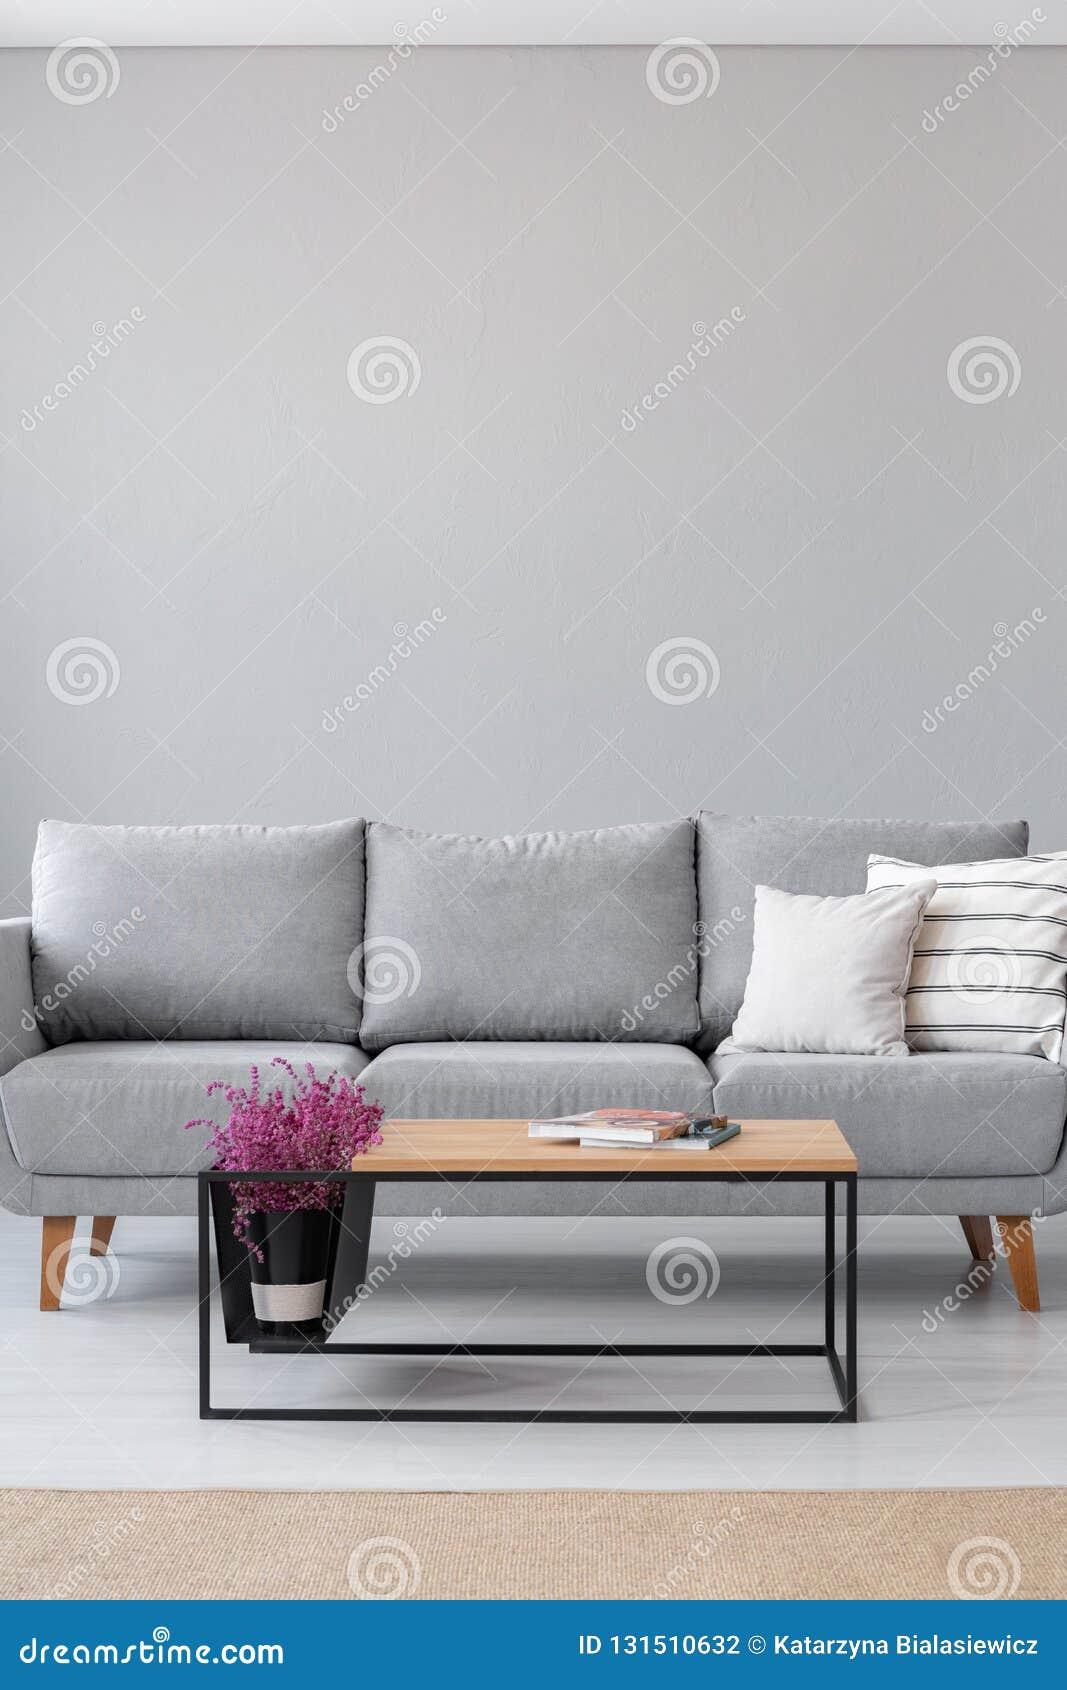 Elegancki drewniany stolik do kawy z magazynami i wrzosem obok popielatej leżanki z białymi poduszkami